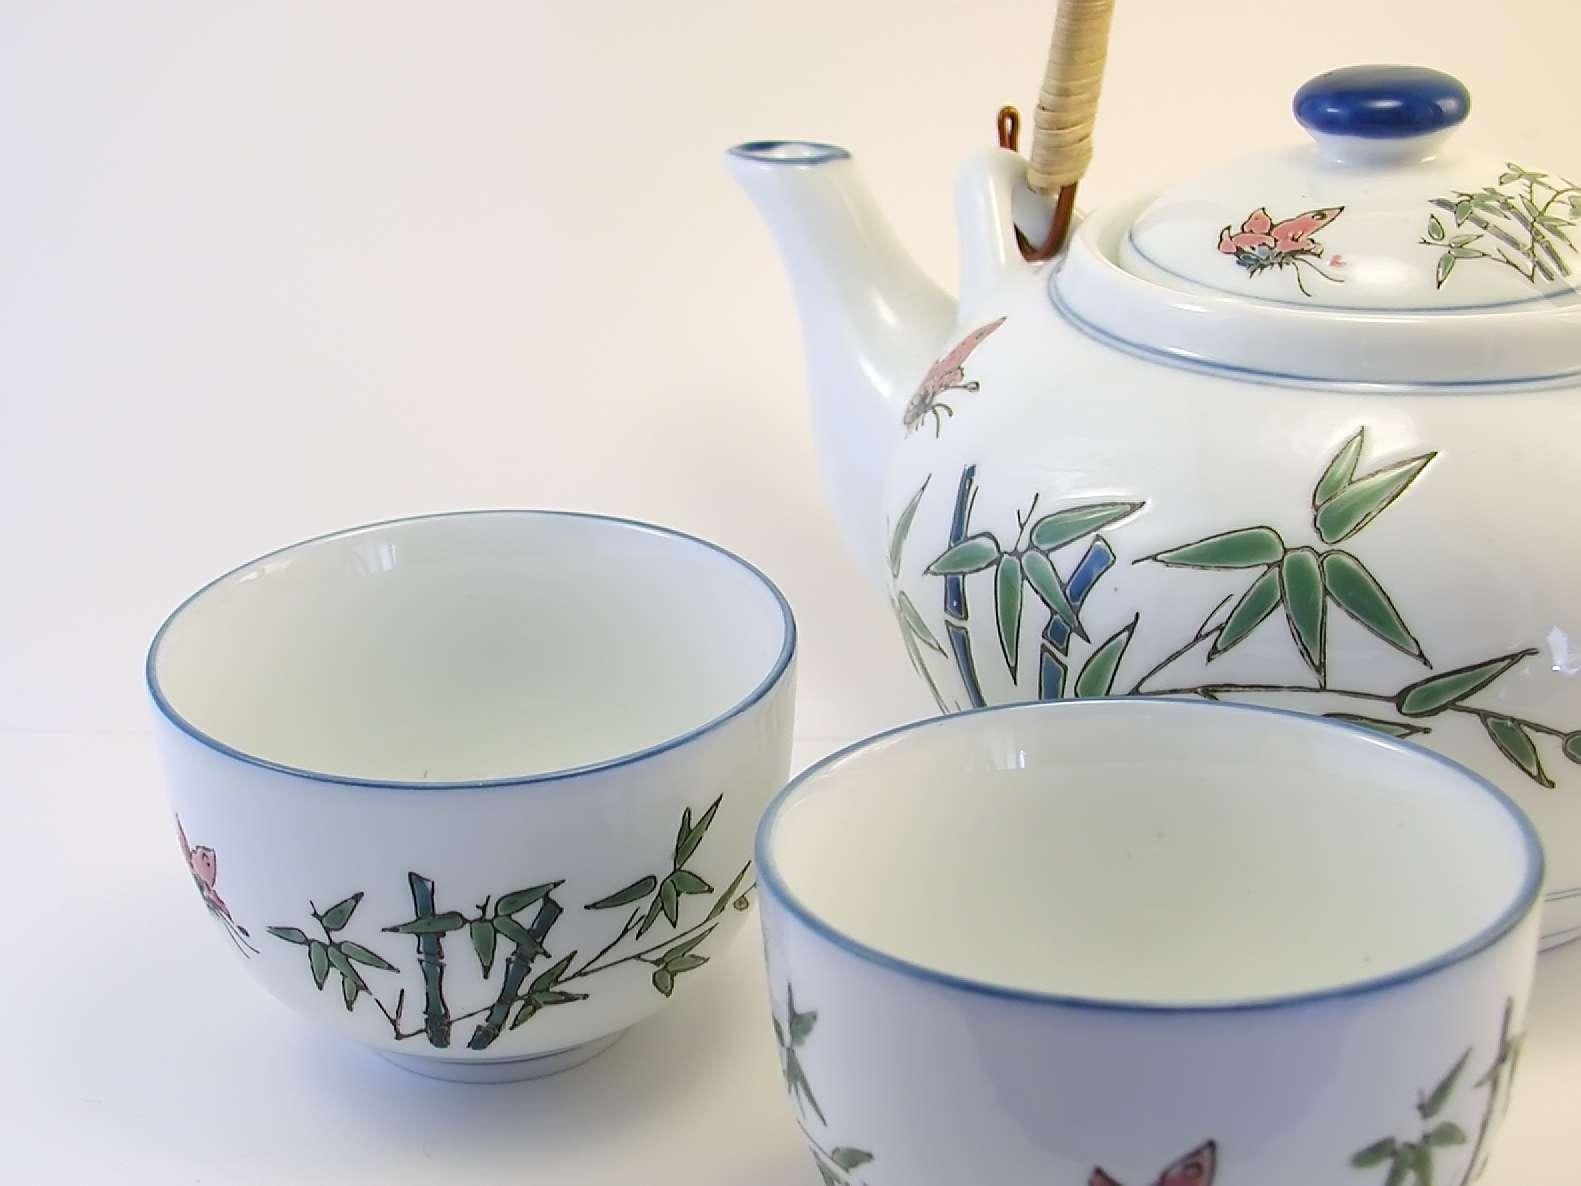 Memories of Tea